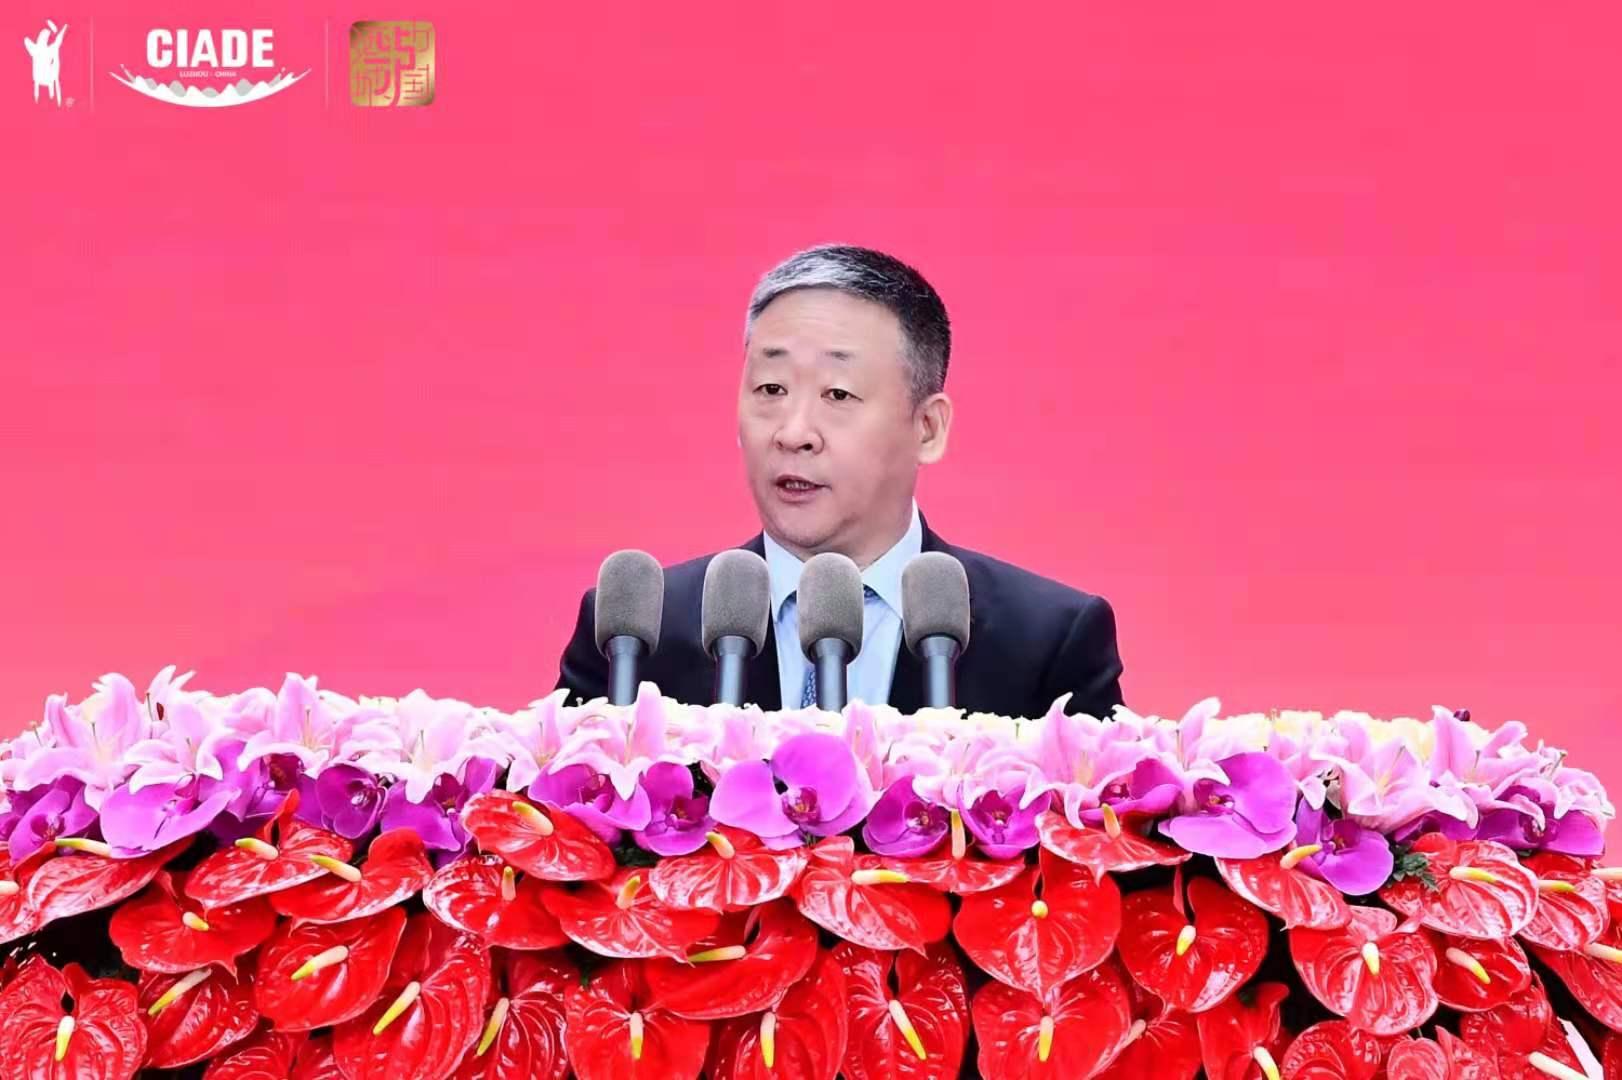 中国酒业2025年目标:产量6690万kL、销售额1.42万亿